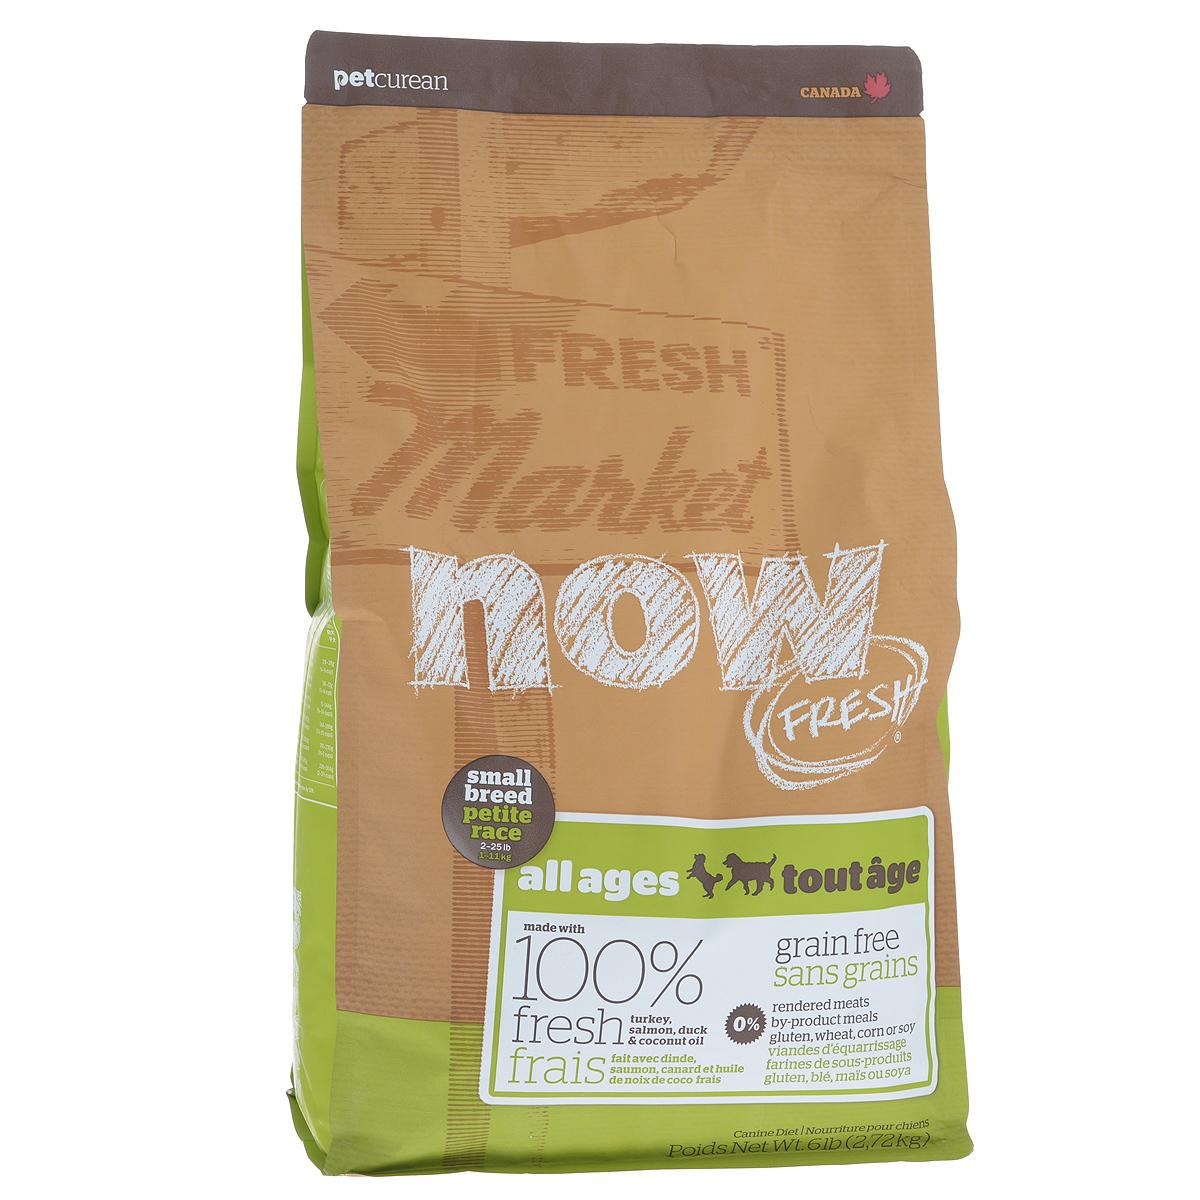 Корм сухой Now Fresh для малых пород собак всех возрастов, беззерновой, с индейкой, уткой и овощами, 2,72 кг0120710Now Fresh - полностью сбалансированный холистик корм из свежего филе индейки и утки, выращенных на канадских фермах. Рекомендован для малых пород всех возрастов: для щенков, для взрослых и для активных собак, и для пожилых собак. Это первый беззерновой корм со сбалансированным содержание белков и жиров. Ключевые преимущества: - не содержит субпродуктов, красителей, говядины, мясных ингредиентов, выращенных на гормонах, - гранулы благодаря своей форме бережно очищают зубы, люцерна в составе корма освежает дыхание, - пробиотики и пребиотики обеспечивают здоровое пищеварение, - маленький размер гранул способствует лучшему захвату корма, - докозагексаеновая кислота (DHA) и эйкозапентаеновая кислота (EPA) необходима для нормальной деятельности мозга и здорового зрения, - омега-масла в составе необходимы для здоровой кожи и шерсти, - антиоксиданты укрепляют иммунную систему. Состав: филе индейки, картофель, свежие цельные яйца, горох, льняное семя, яблоки, масло канолы (источник витамина Е), натуральный ароматизатор, утиное филе, филе лосося, кокосовое масло (источник витамина Е), томаты, сушеная люцерна, морковь, тыква, бананы, черника, клюква, малина, ежевика, папайя, ананас, грейпфрут, чечевица, брокколи, шпинат, творог, ростки люцерны, сушеные водоросли, карбонат кальция, дикальций фосфат, лецитин, триполифосфата натрия, хлорид натрия, хлористый калий, витамины (витамин Е, L-аскорбил-2-полифосфатов (источник витамина С), никотиновая кислота, инозит, витамин А, тиамина мононитрат, пантотенатD-кальция, пиридоксина гидрохлорид, рибофлавин, бета-каротин, витамин D3, фолиевая кислота, биотин, витамин В12), минералы (цинка протеинат, сульфат железа, оксид цинка, железа протеинат, сульфат меди, меди протеинат, марганца протеинат, оксид марганца, йодат кальция, селена, дрожжи), таурин, DL-метионин, L-лизин, экстракт водорослей, высушенный корень цикория, Lactobac